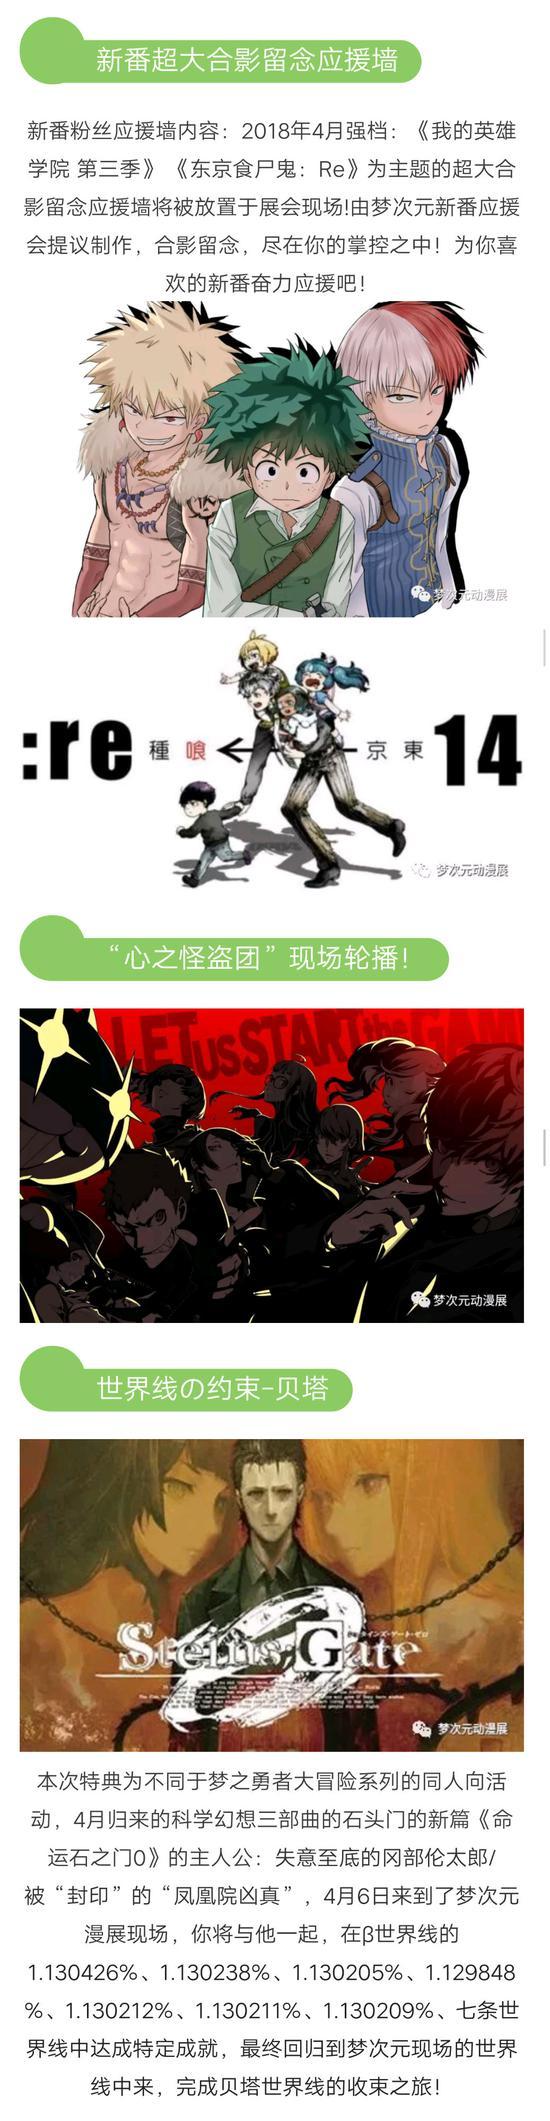 M18梦次元春日祭动漫展 踏青祭春意降临 暨 国动巡回礼—北京站